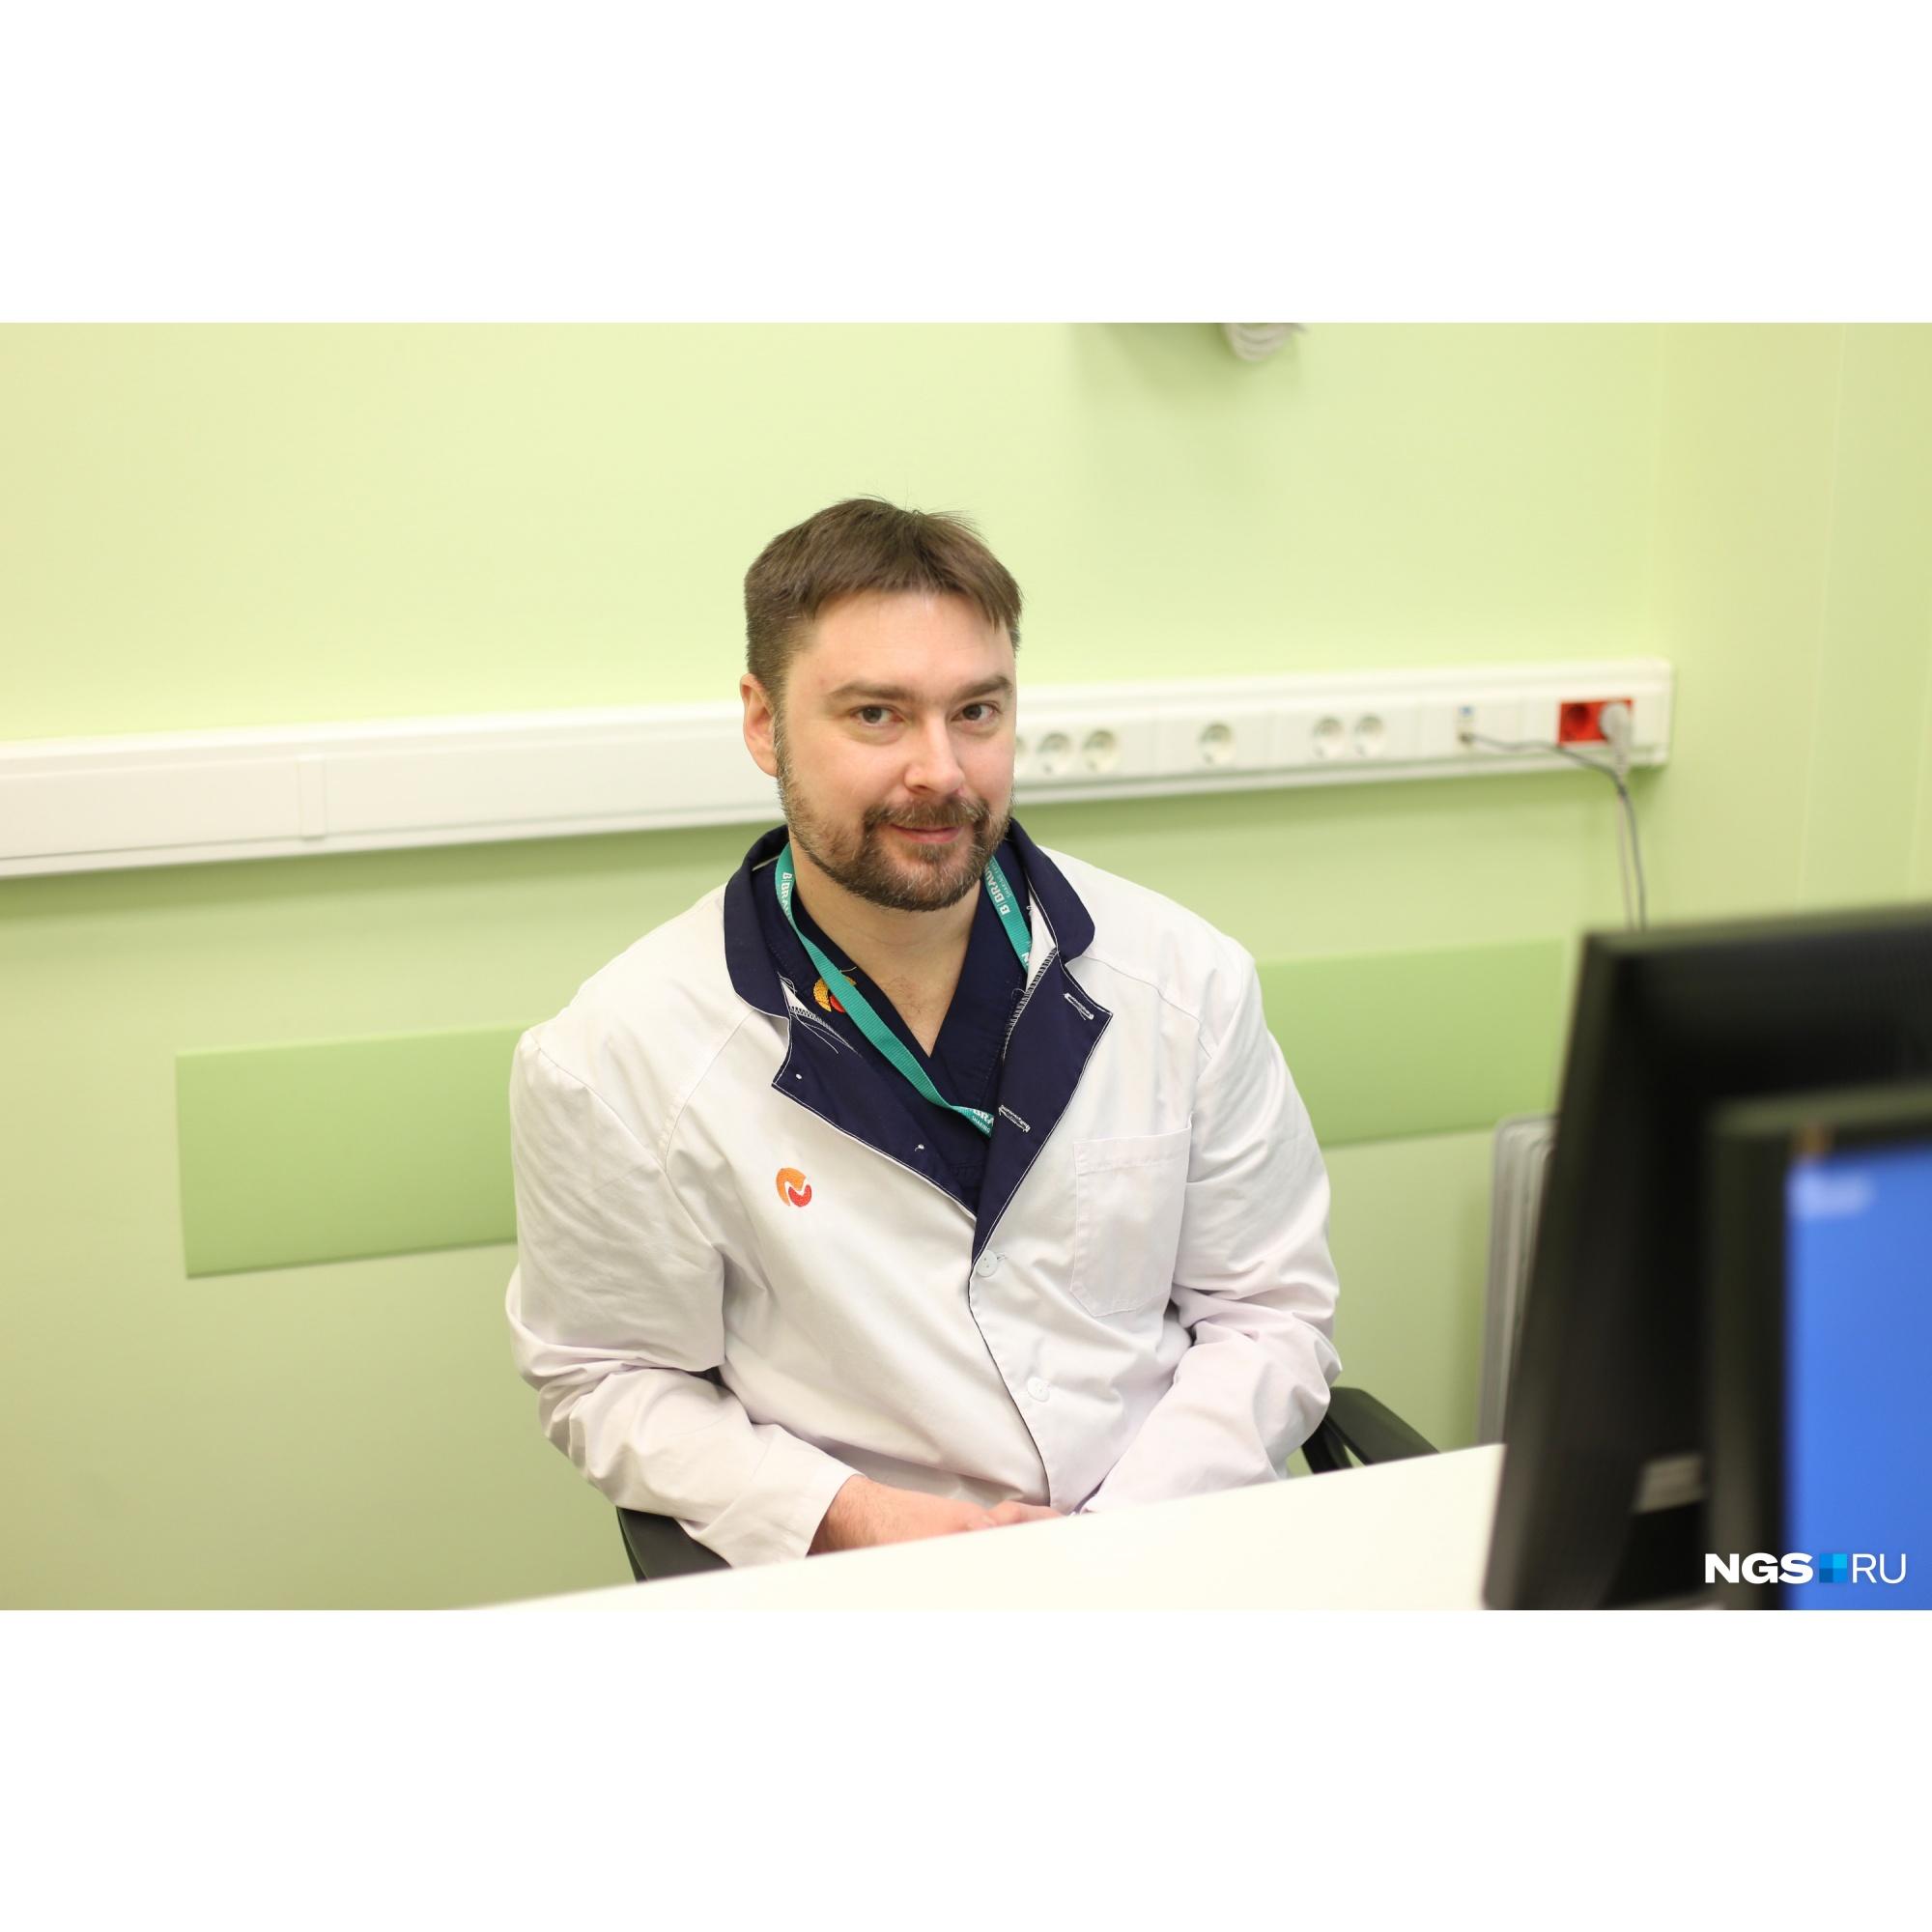 Сергей Чернов говорит, чтопрактически у 50% пациентов встречаются глиомы, правда, такая локализация — редкость